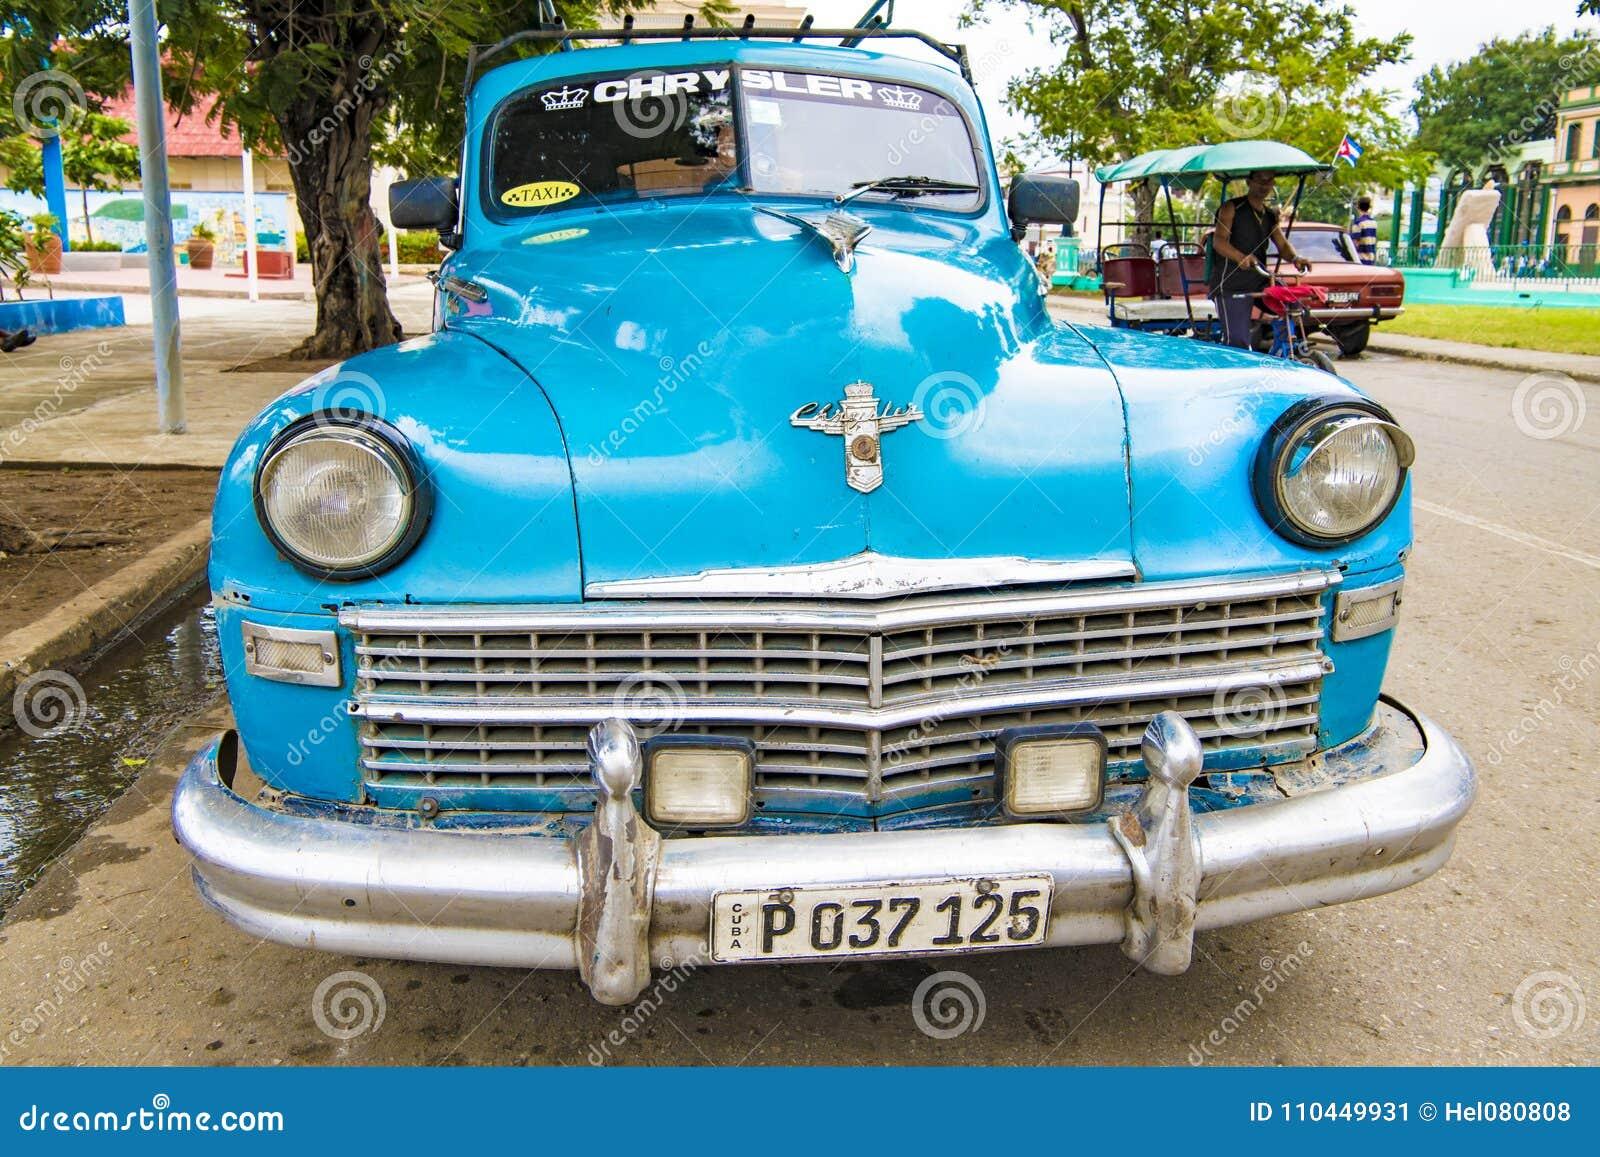 Carro clássico americano azul de Chrysler, Santiago de Cuba